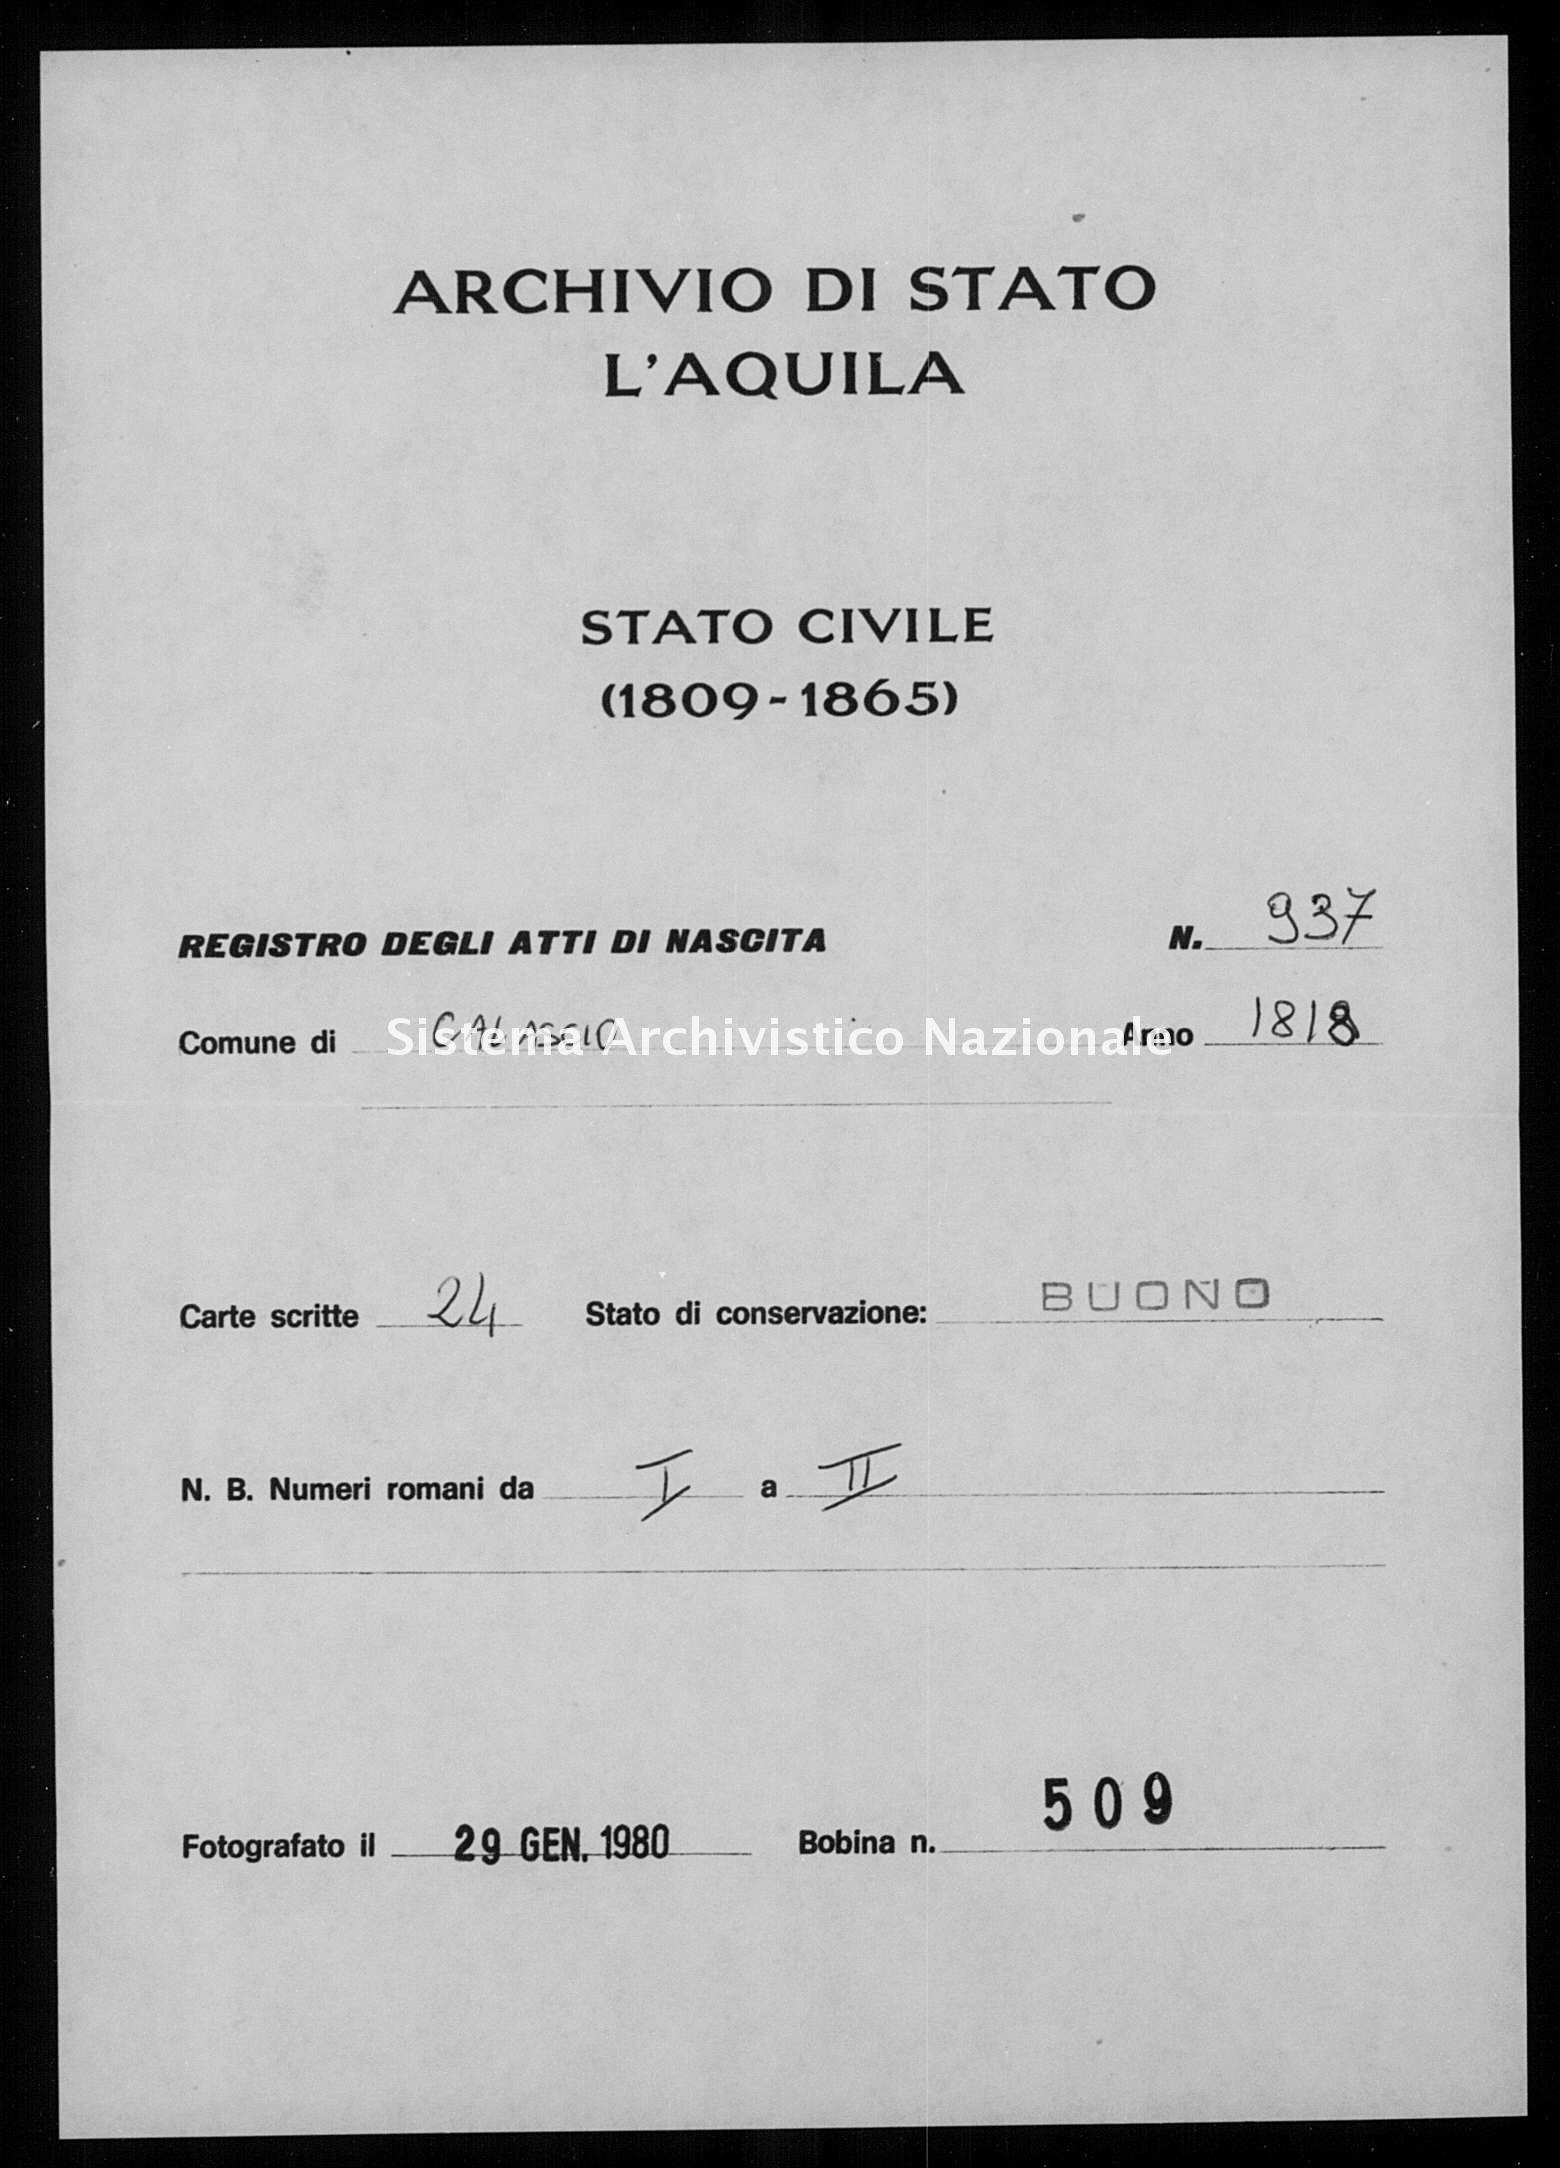 Archivio di stato di L'aquila - Stato civile della restaurazione - Calascio - Nati - 1818 - 937 -